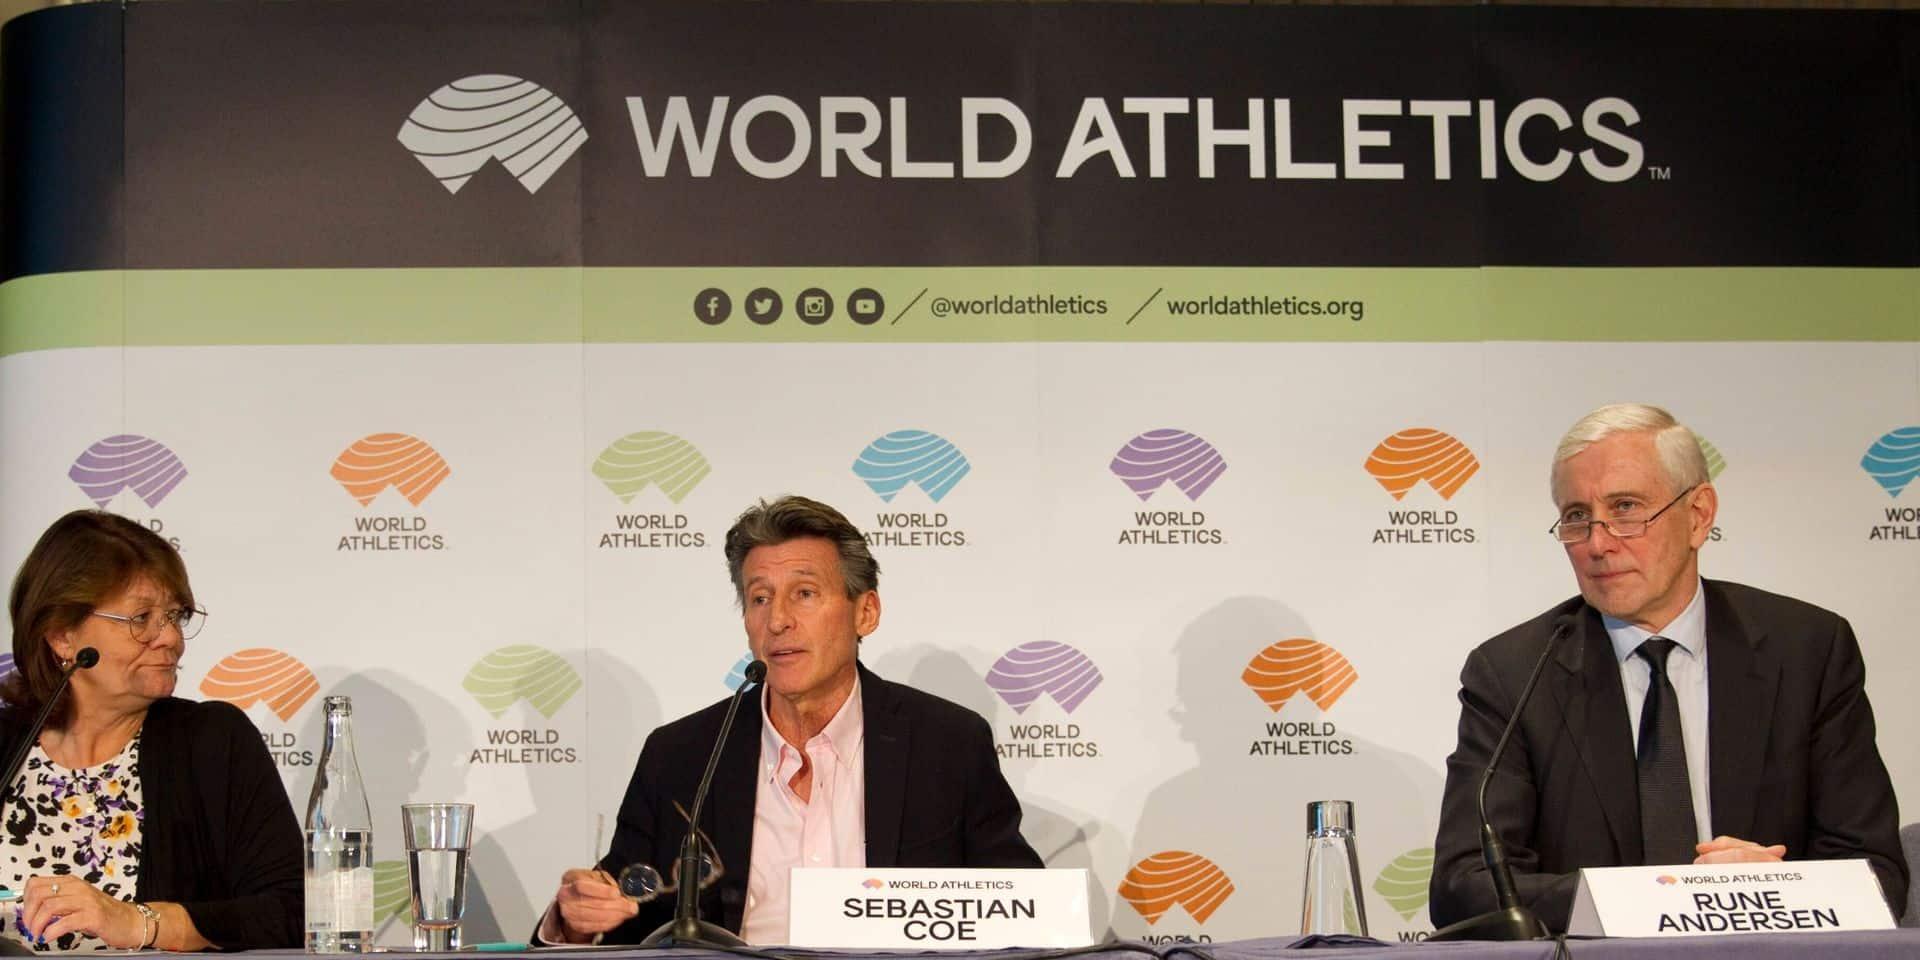 Les athlètes censés disputer les JO peuvent demander l'aide financière de World Athletics